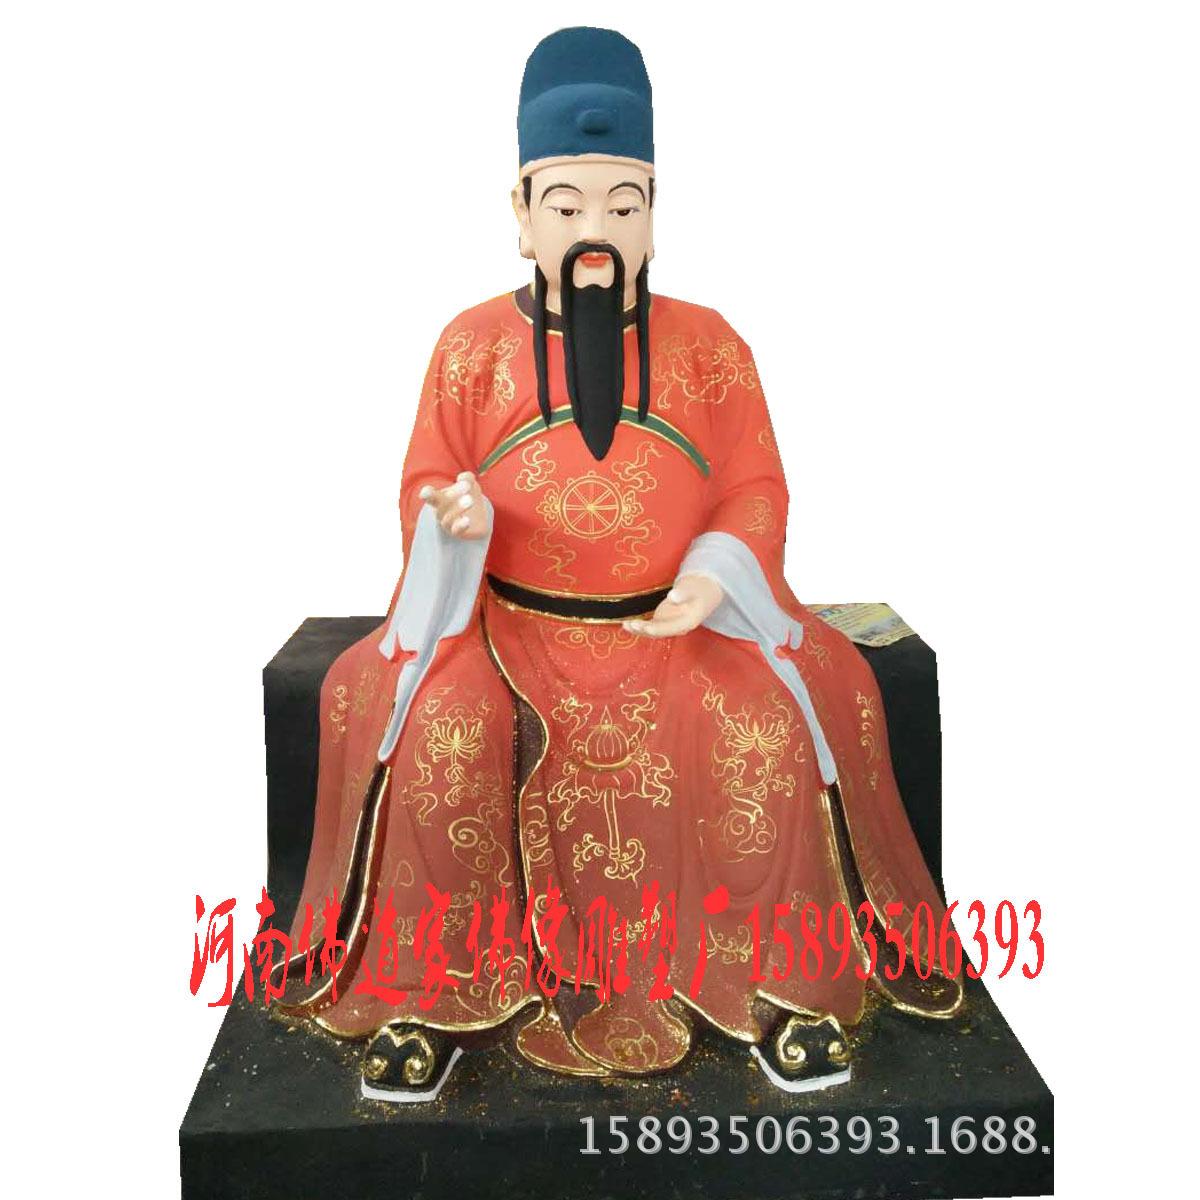 八仙佛像厂家 河南批发 何仙姑神像 张果老雕塑 玻璃钢佛像订制示例图3